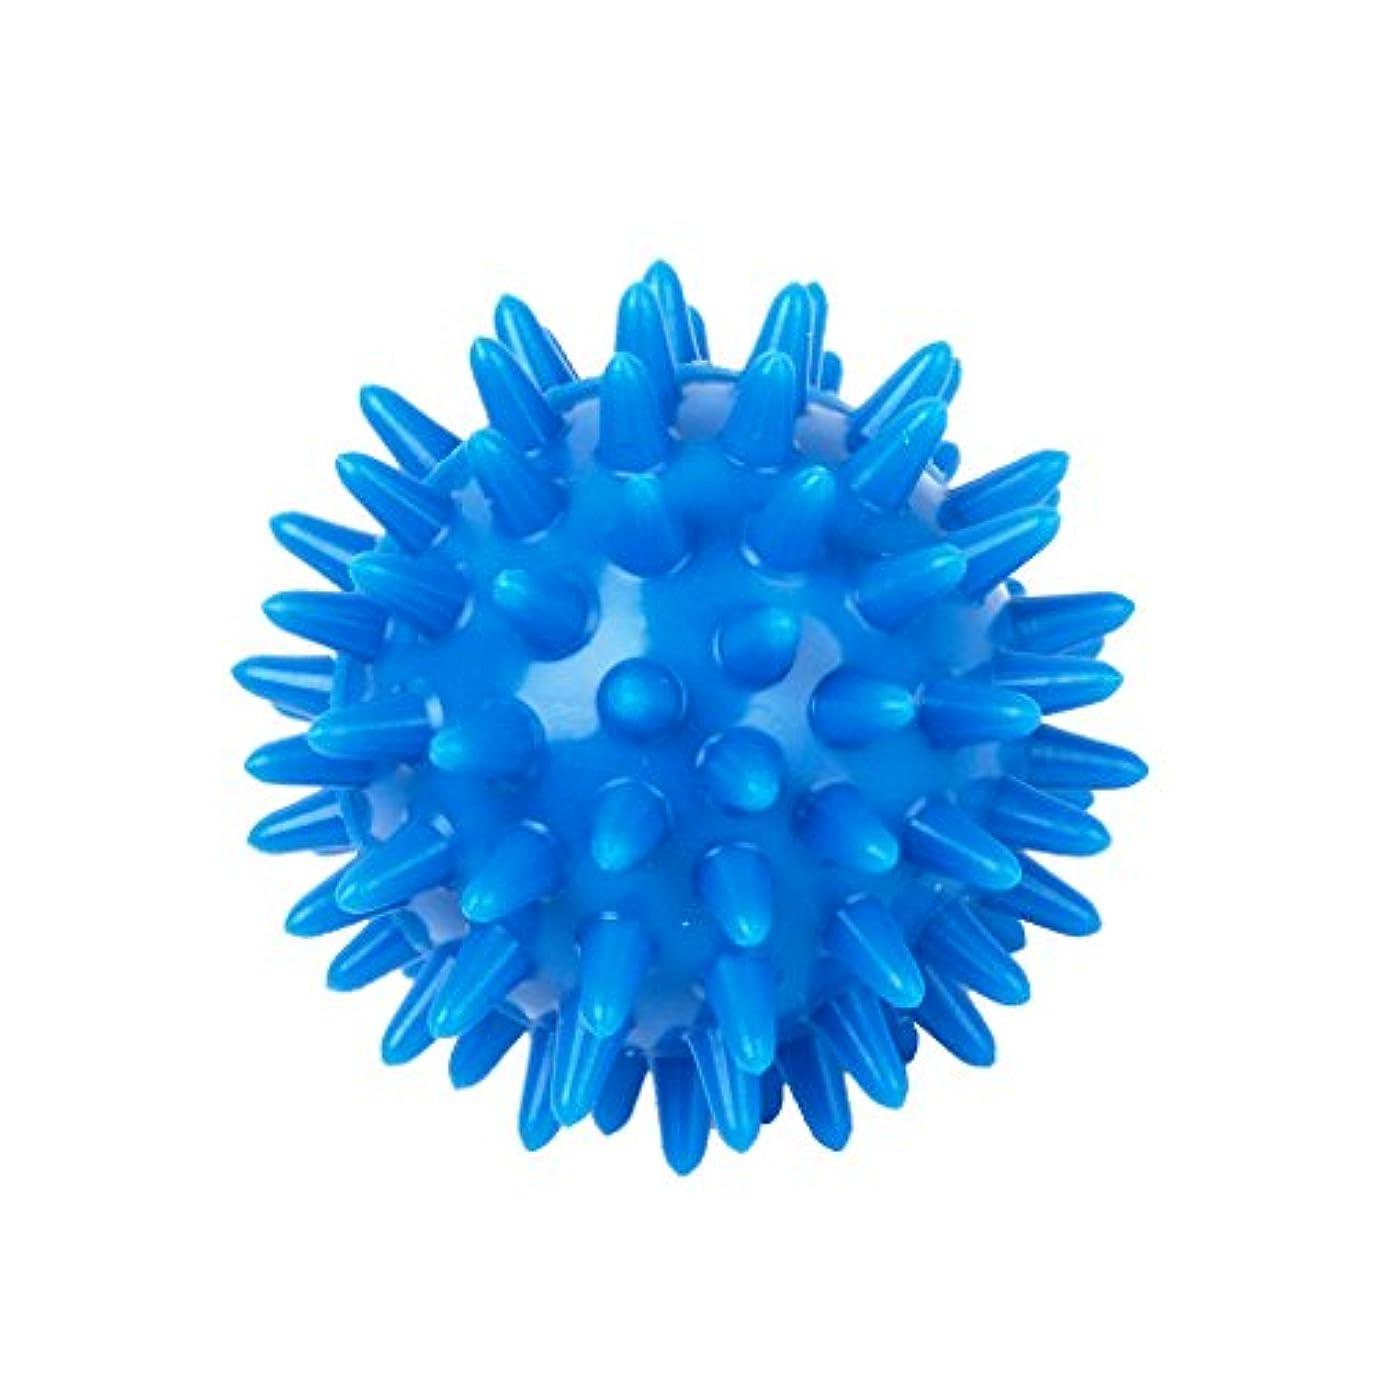 オリエント勇気のある開示するPerfk PVC製 足用マッサージボール マッサージボール 筋肉 緊張和らげ  血液循環促進 5.5cm